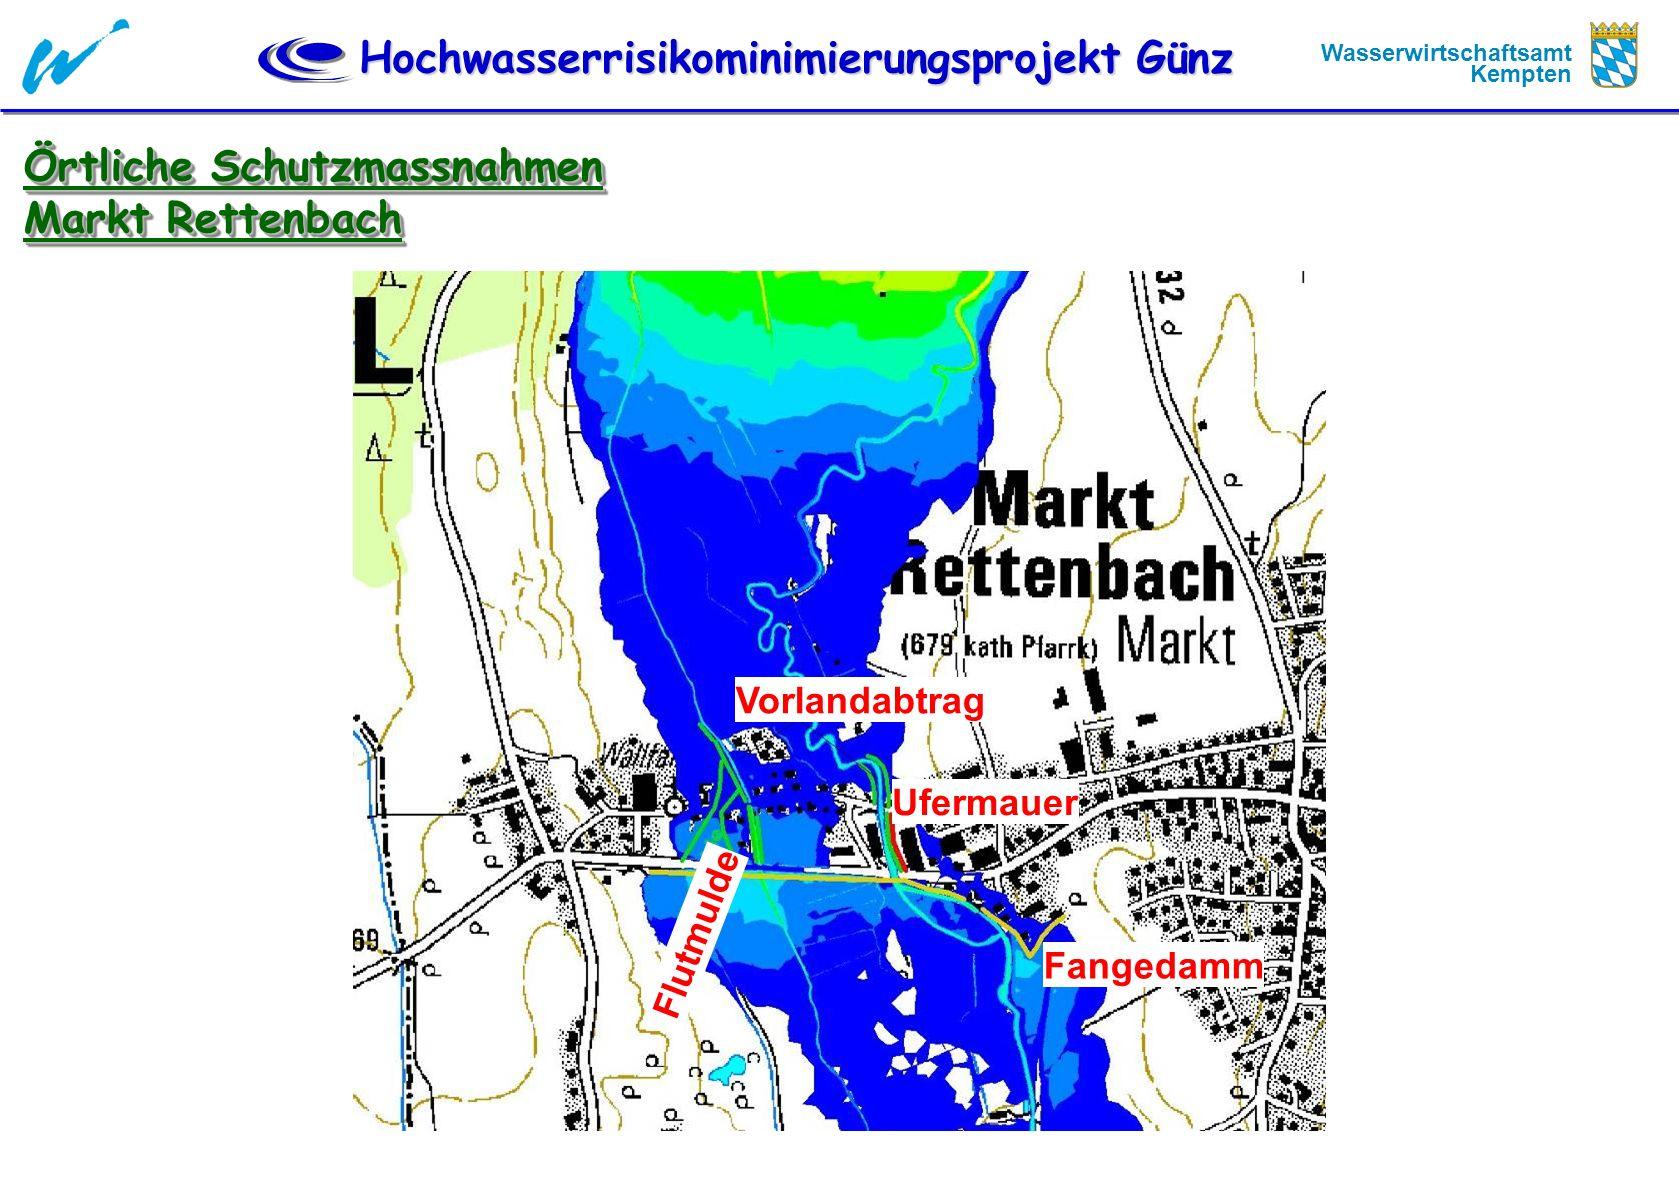 Hochwasserrisikominimierungsprojekt Günz Wasserwirtschaftsamt Kempten Örtliche Schutzmassnahmen Markt Rettenbach Örtliche Schutzmassnahmen Markt Rette